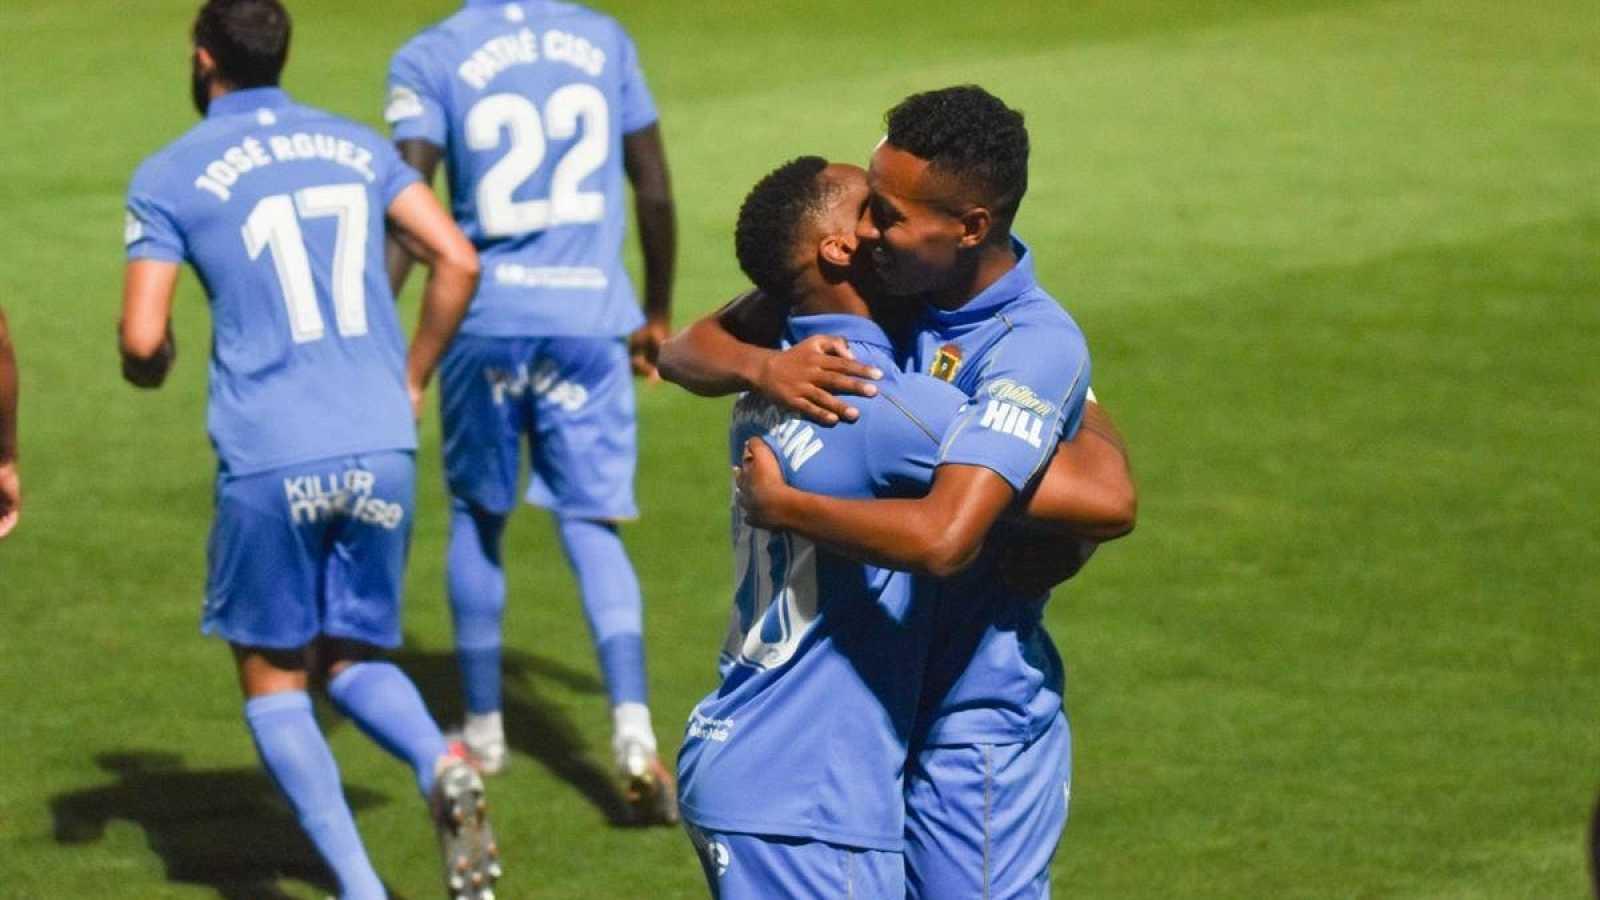 Jugadores del CF Fuenlabrada celebran un gol